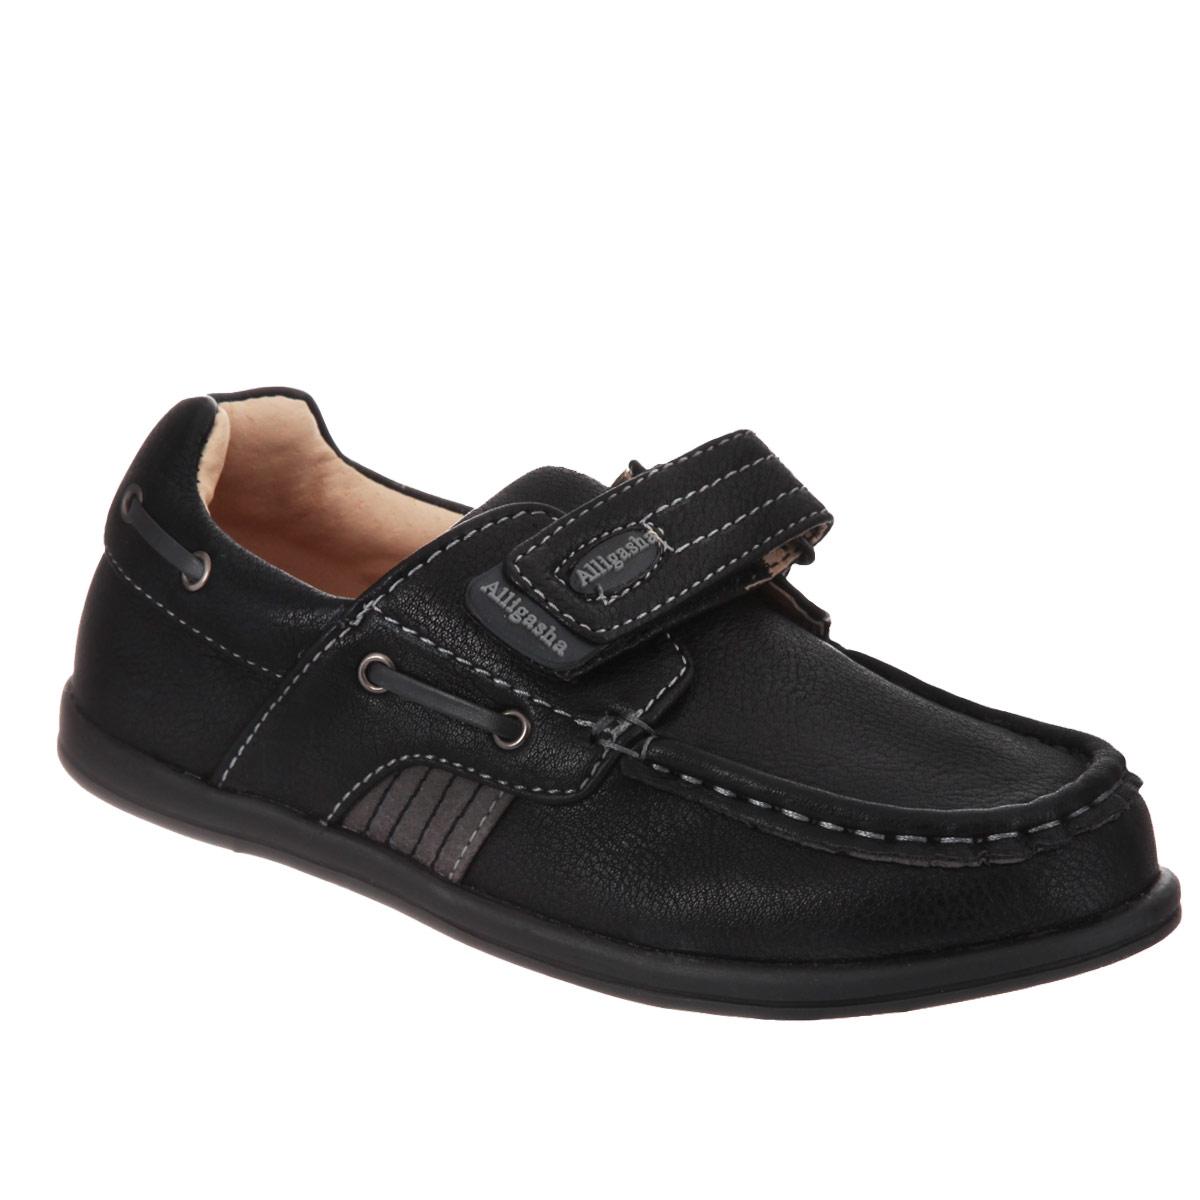 Мокасины для мальчика Аллигаша, цвет: черный. 13-324. Размер 2513-324Удобные и стильные мокасины для мальчика Аллигаша прекрасно подойдут вашему ребенку для активного отдыха и повседневной носки. Модель выполнена из мягкой искусственной кожи и оформлена декоративными швами. Застежка-липучка на подъеме надежно фиксирует обувь на ножке вашего малыша. Ремешок оформлен прорезиненной вставкой с названием бренда. Боковые стороны декорированы шнуровкой, пропущенной через фурнитуру.Стелька с супинатором и подкладка изготовлены из натуральной кожи, благодаря чему обувь дышит, обеспечивая идеальный микроклимат. Анатомическая стелька обеспечивает правильное формирование детской стопы. Рельефная подошва, изготовленная из термопластичной резины, не скользит и обеспечивает хорошее сцепление с поверхностью.В таких мокасинах ногам вашего непоседы будет комфортно и уютно!